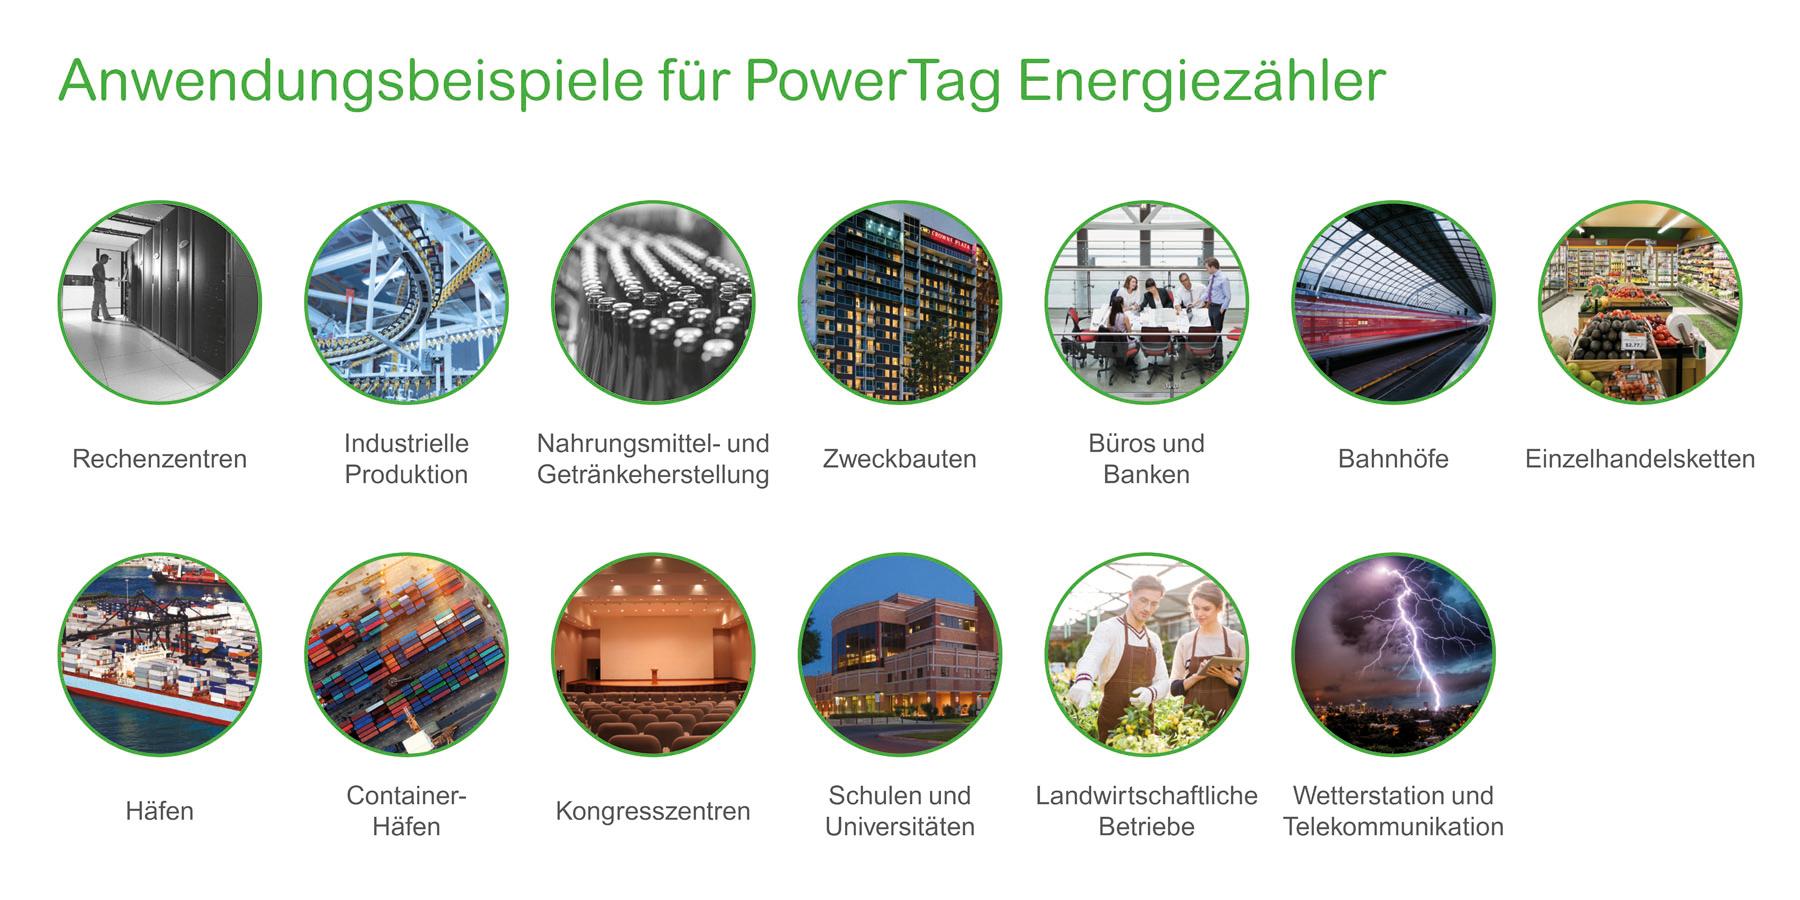 Die neuen PowerTag Energiezähler